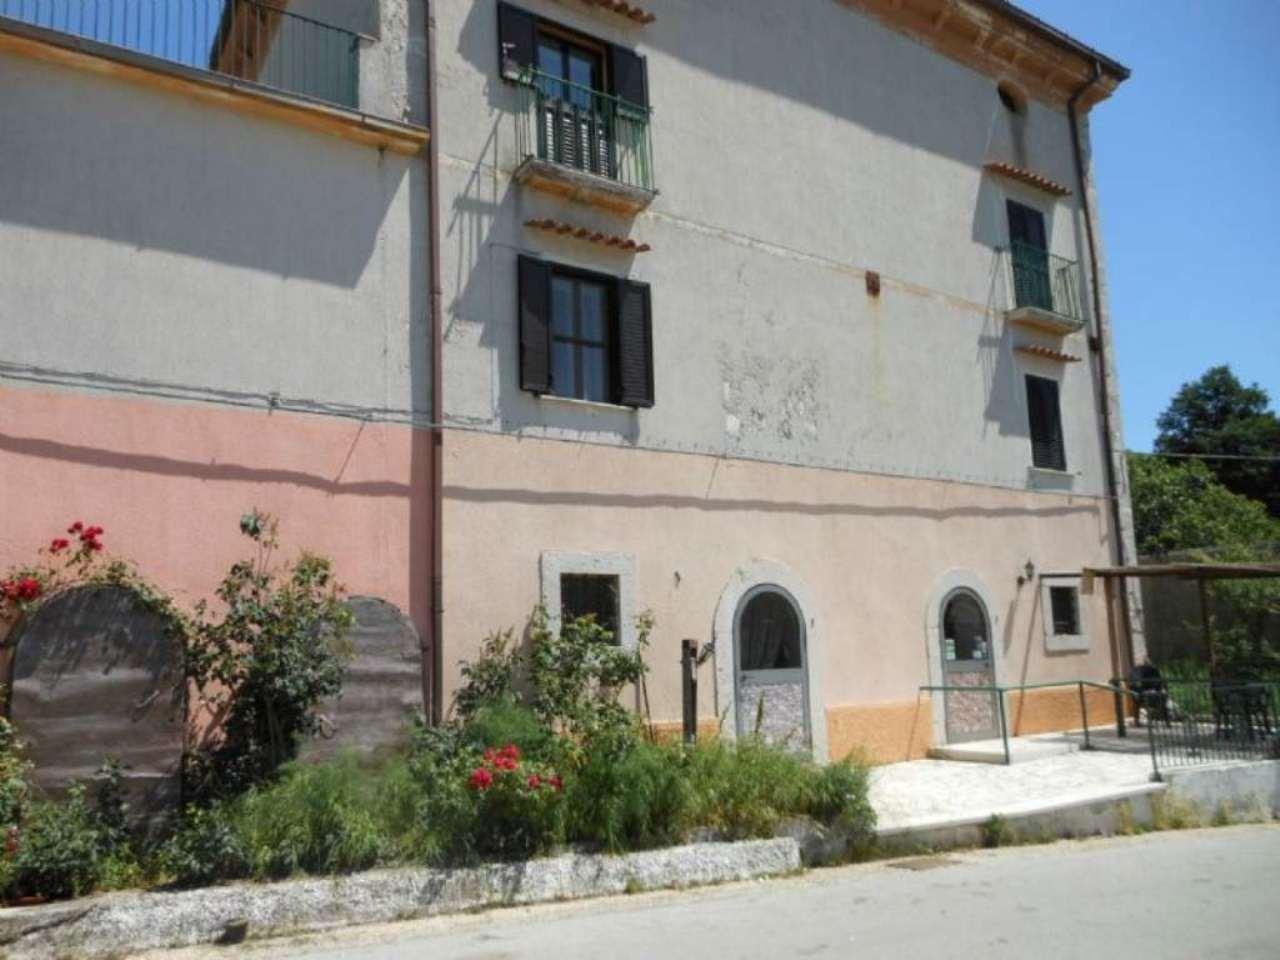 Rustico / Casale in vendita a Isernia, 21 locali, prezzo € 900.000 | Cambio Casa.it